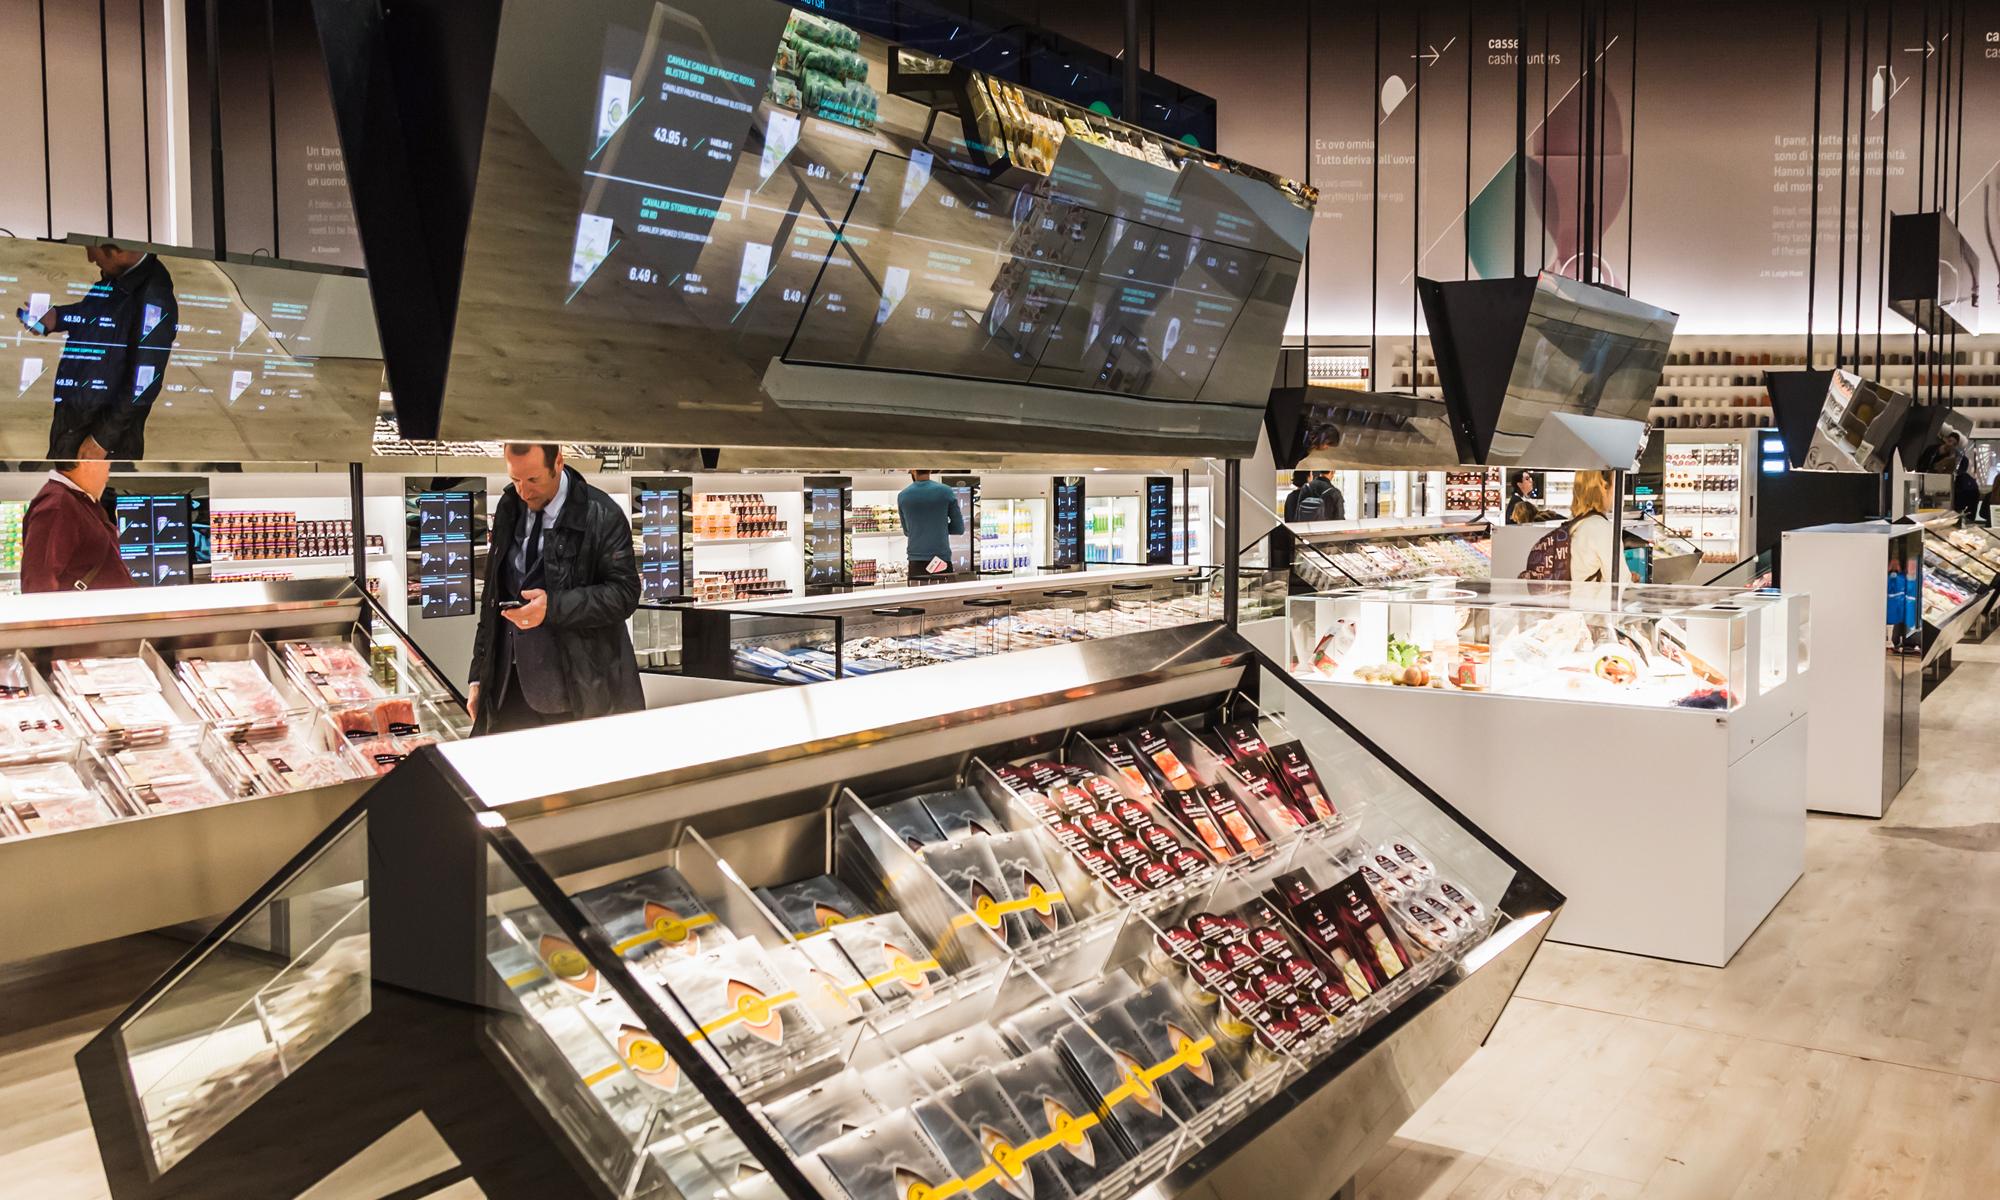 Futuristic Supermarket